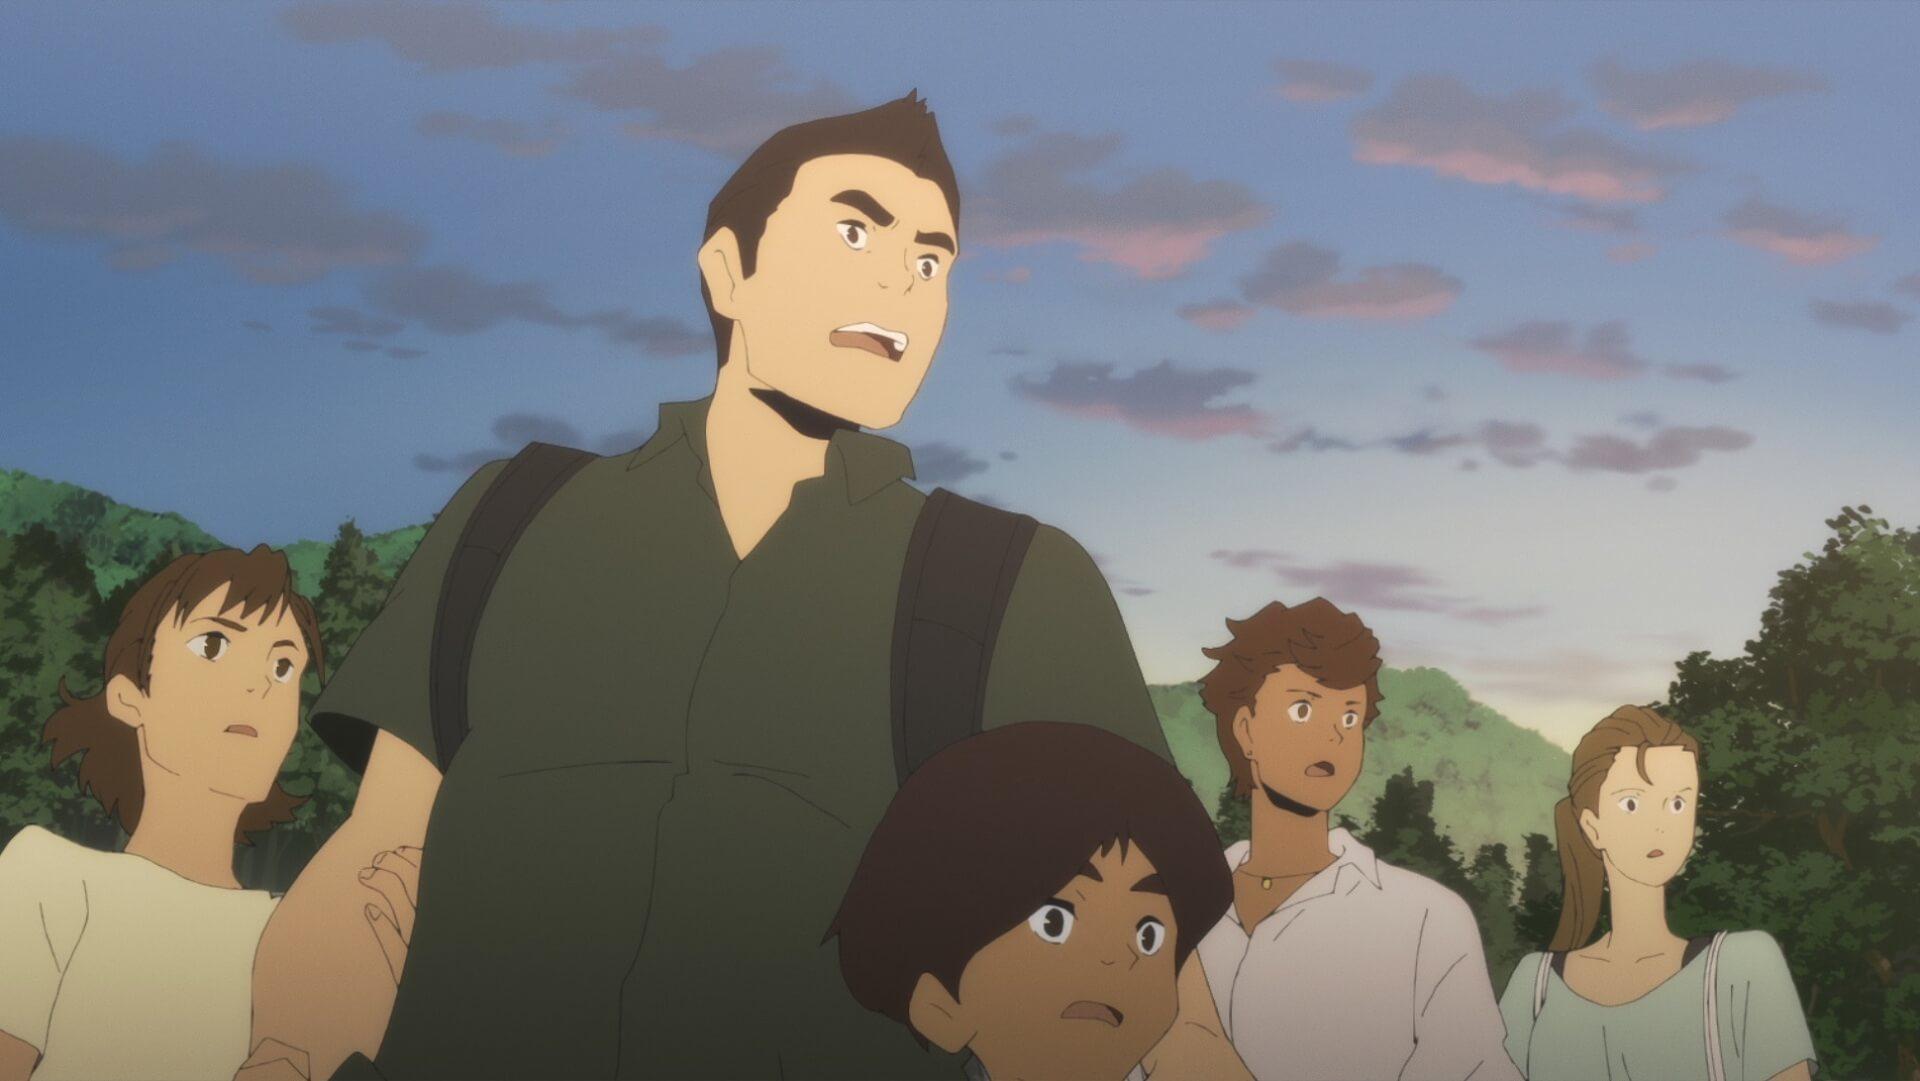 日本が沈没したのちの運命とは?Netflix『日本沈没2020』の本予告&豪華声優陣が解禁 film200529_nihonchimbotsu_14